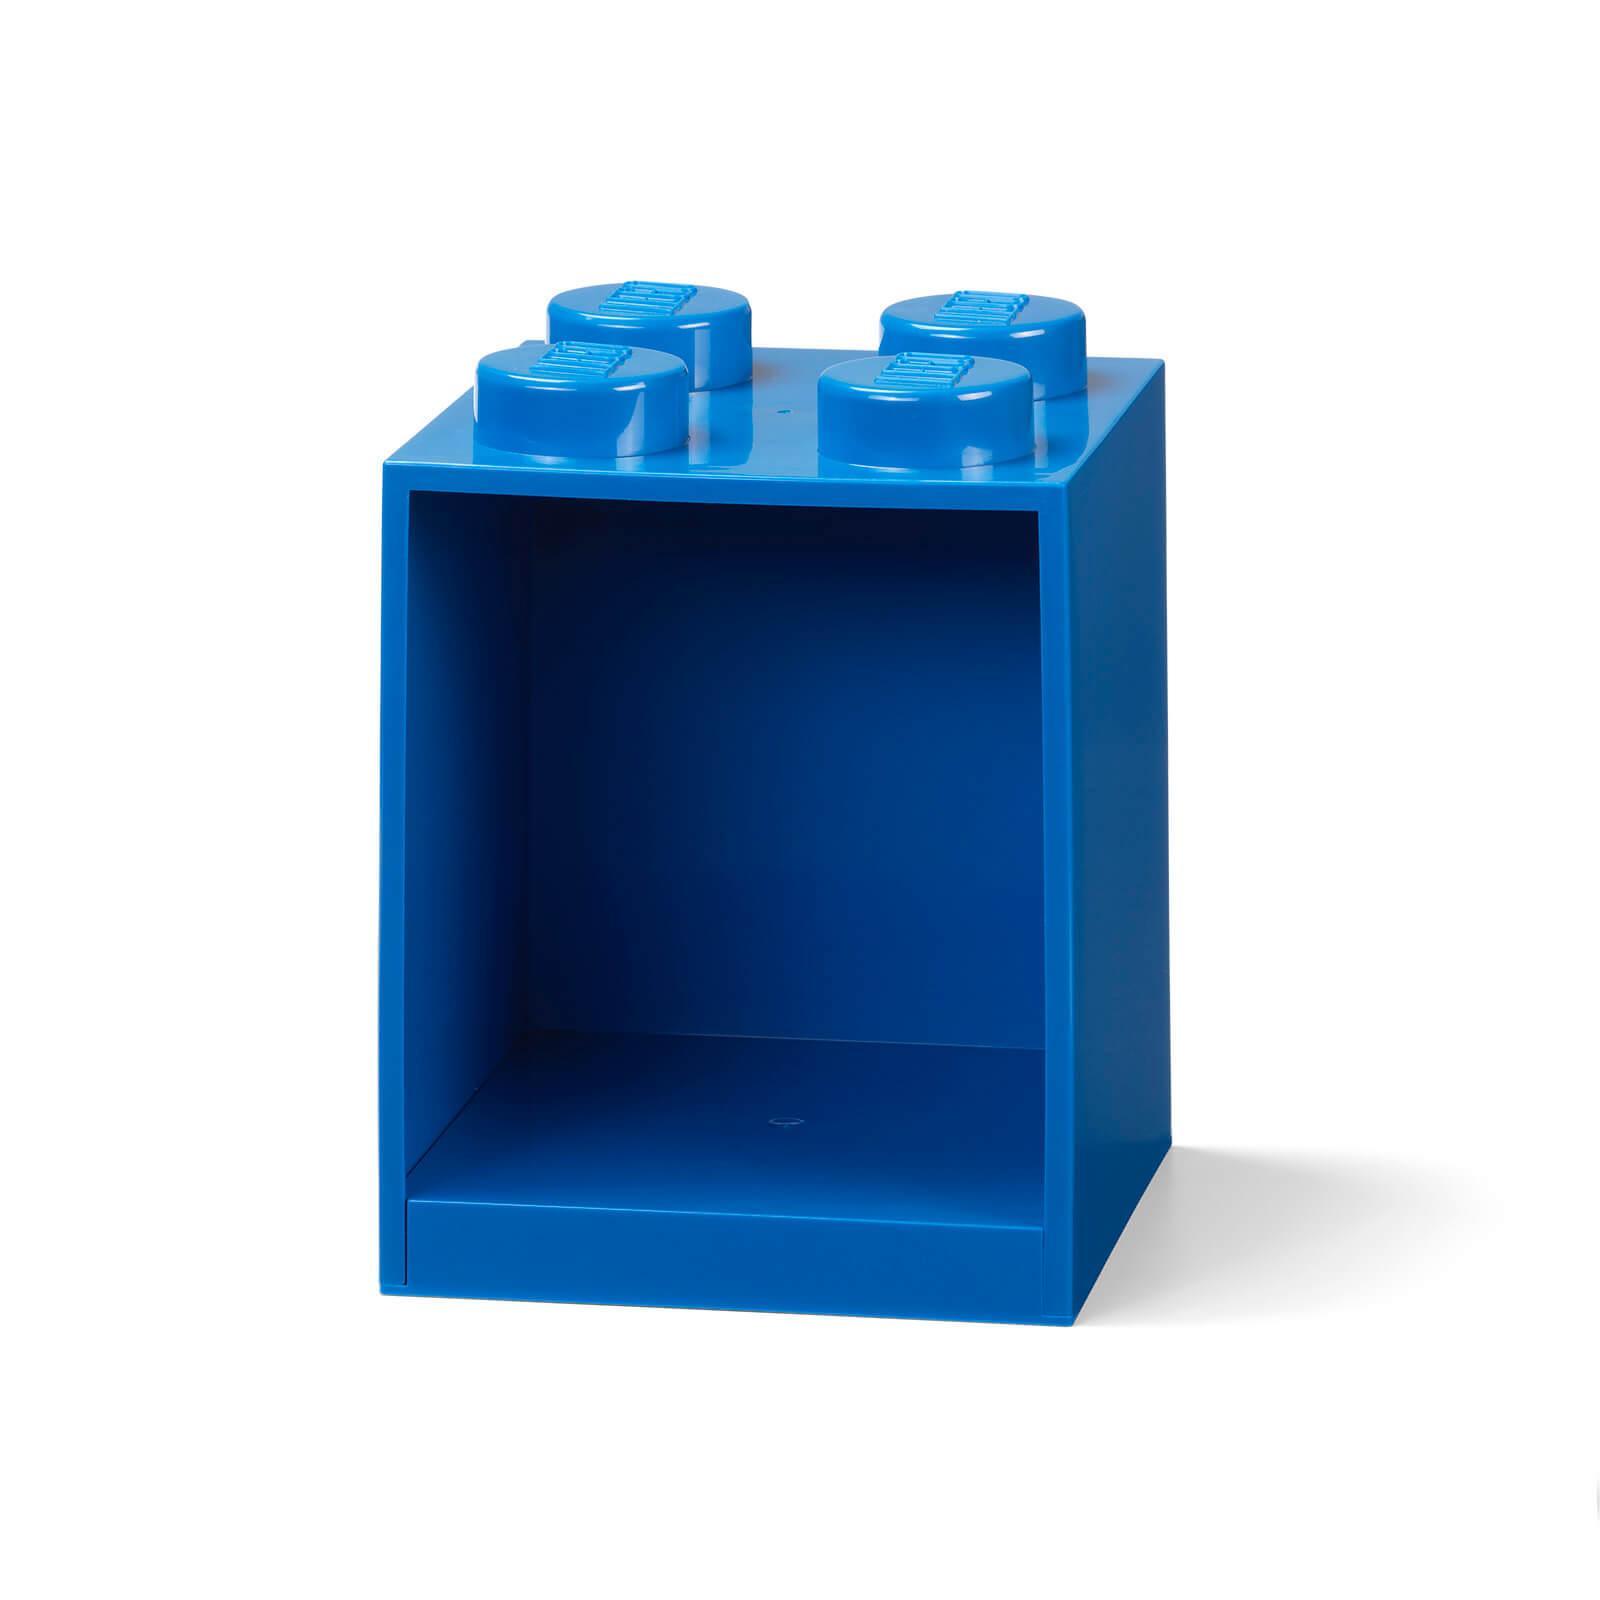 Image of LEGO Storage Brick Shelf 4 - Blue